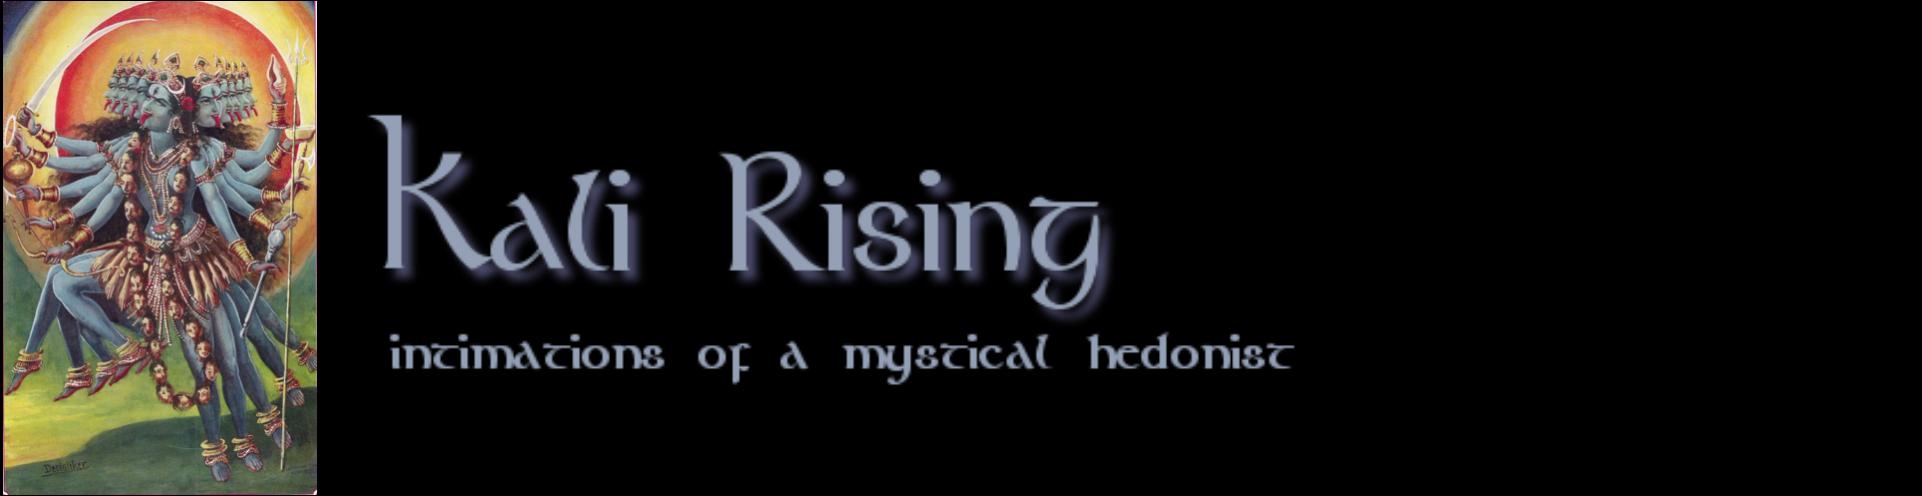 Logo Kali Rising